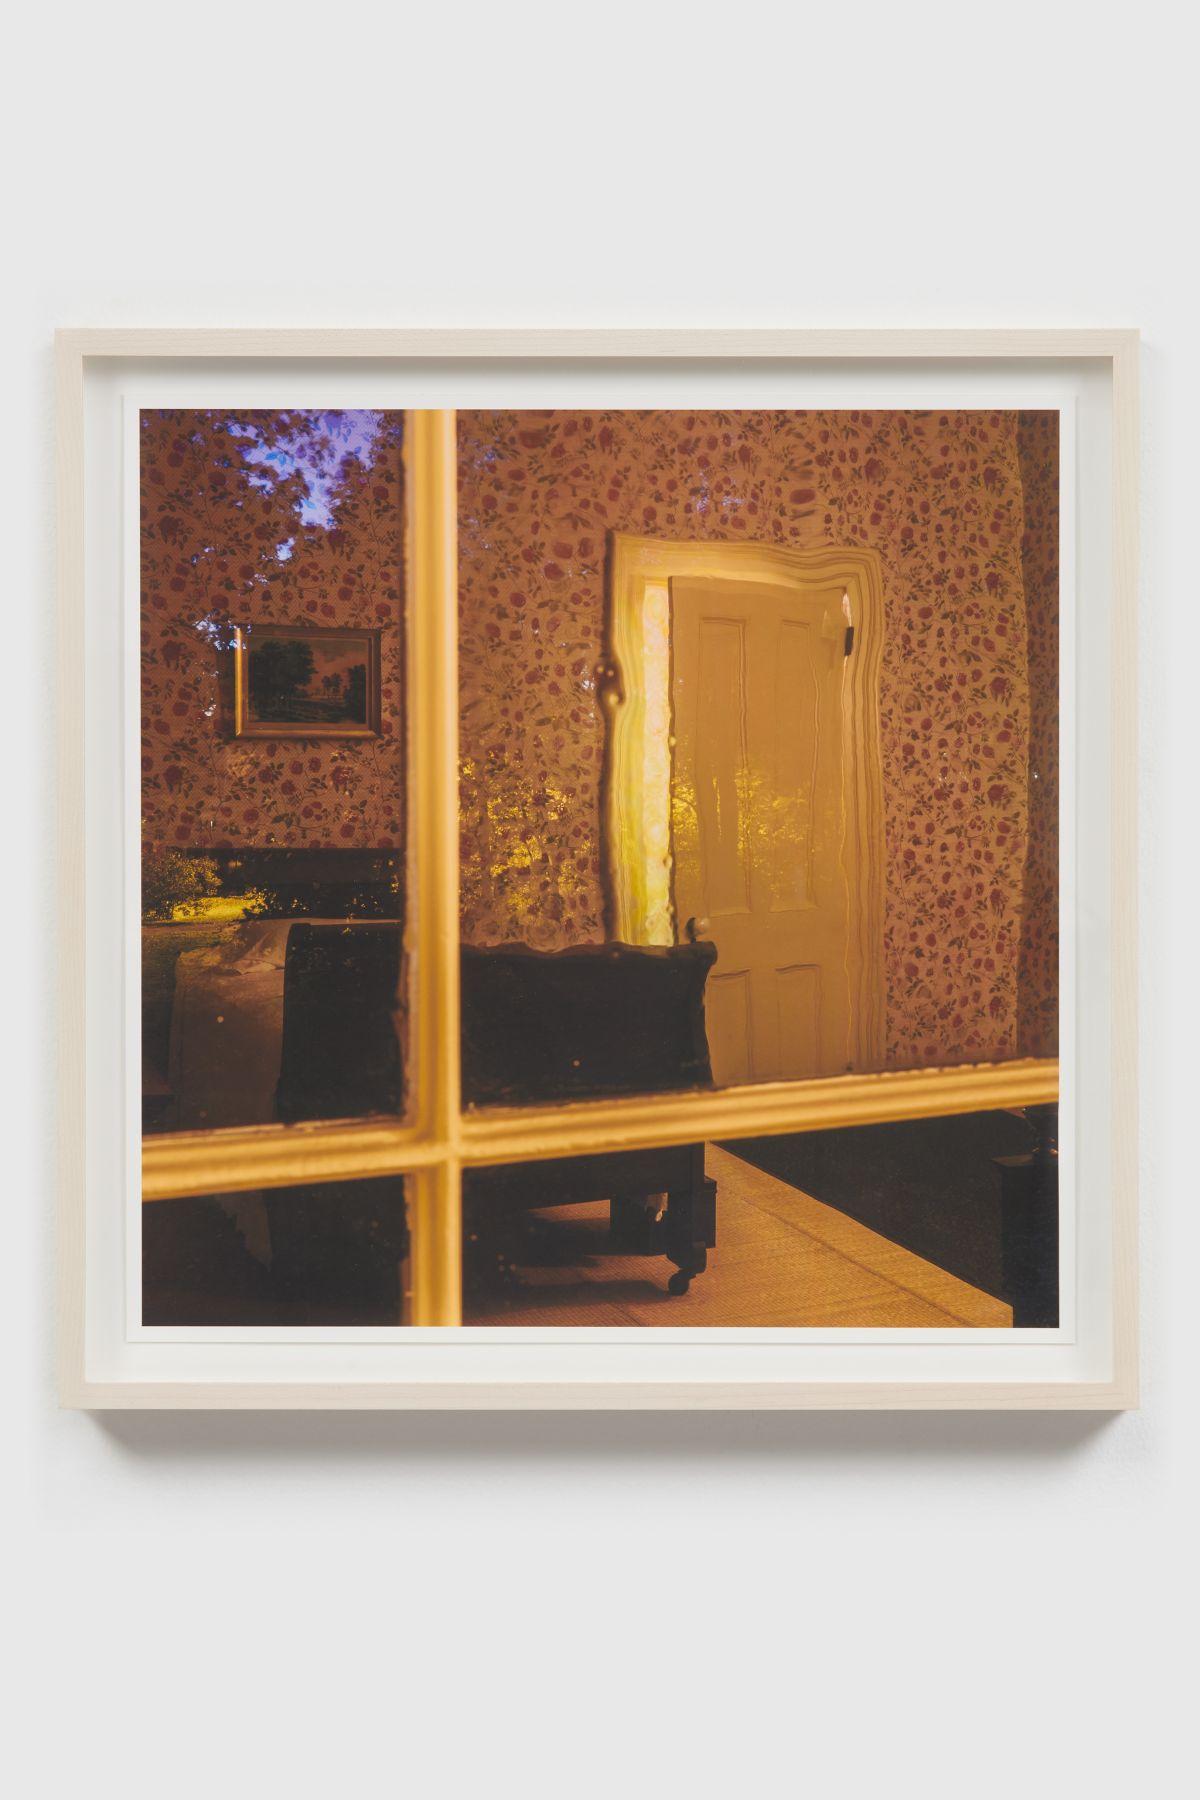 SPENCER FINCH, The Outer - from the Inner (Emily Dickinson's bedroom, dusk)